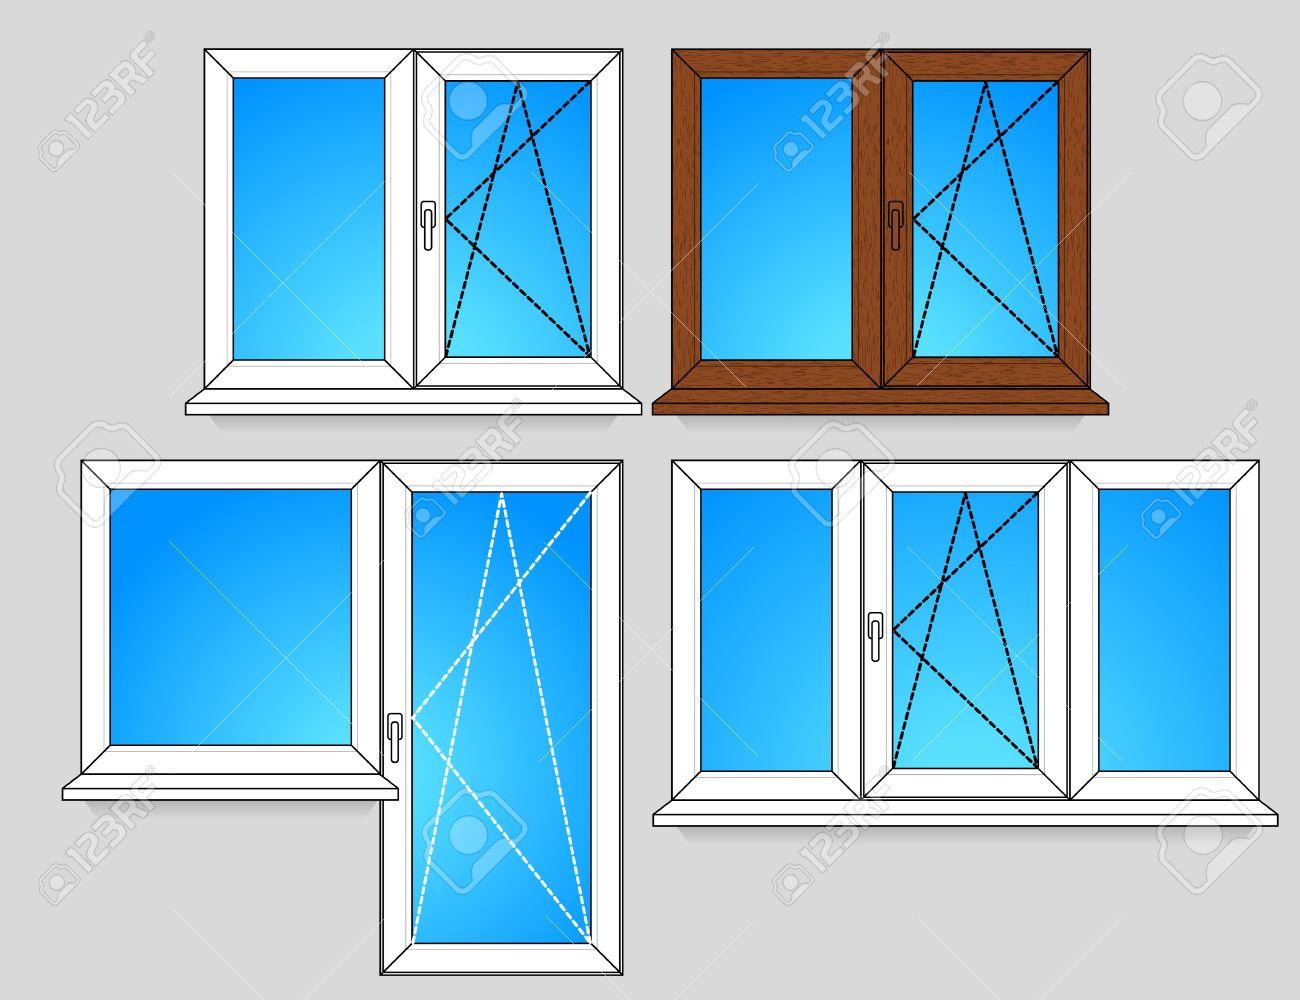 Нарисовать окно пвх для балкона с полукругом.